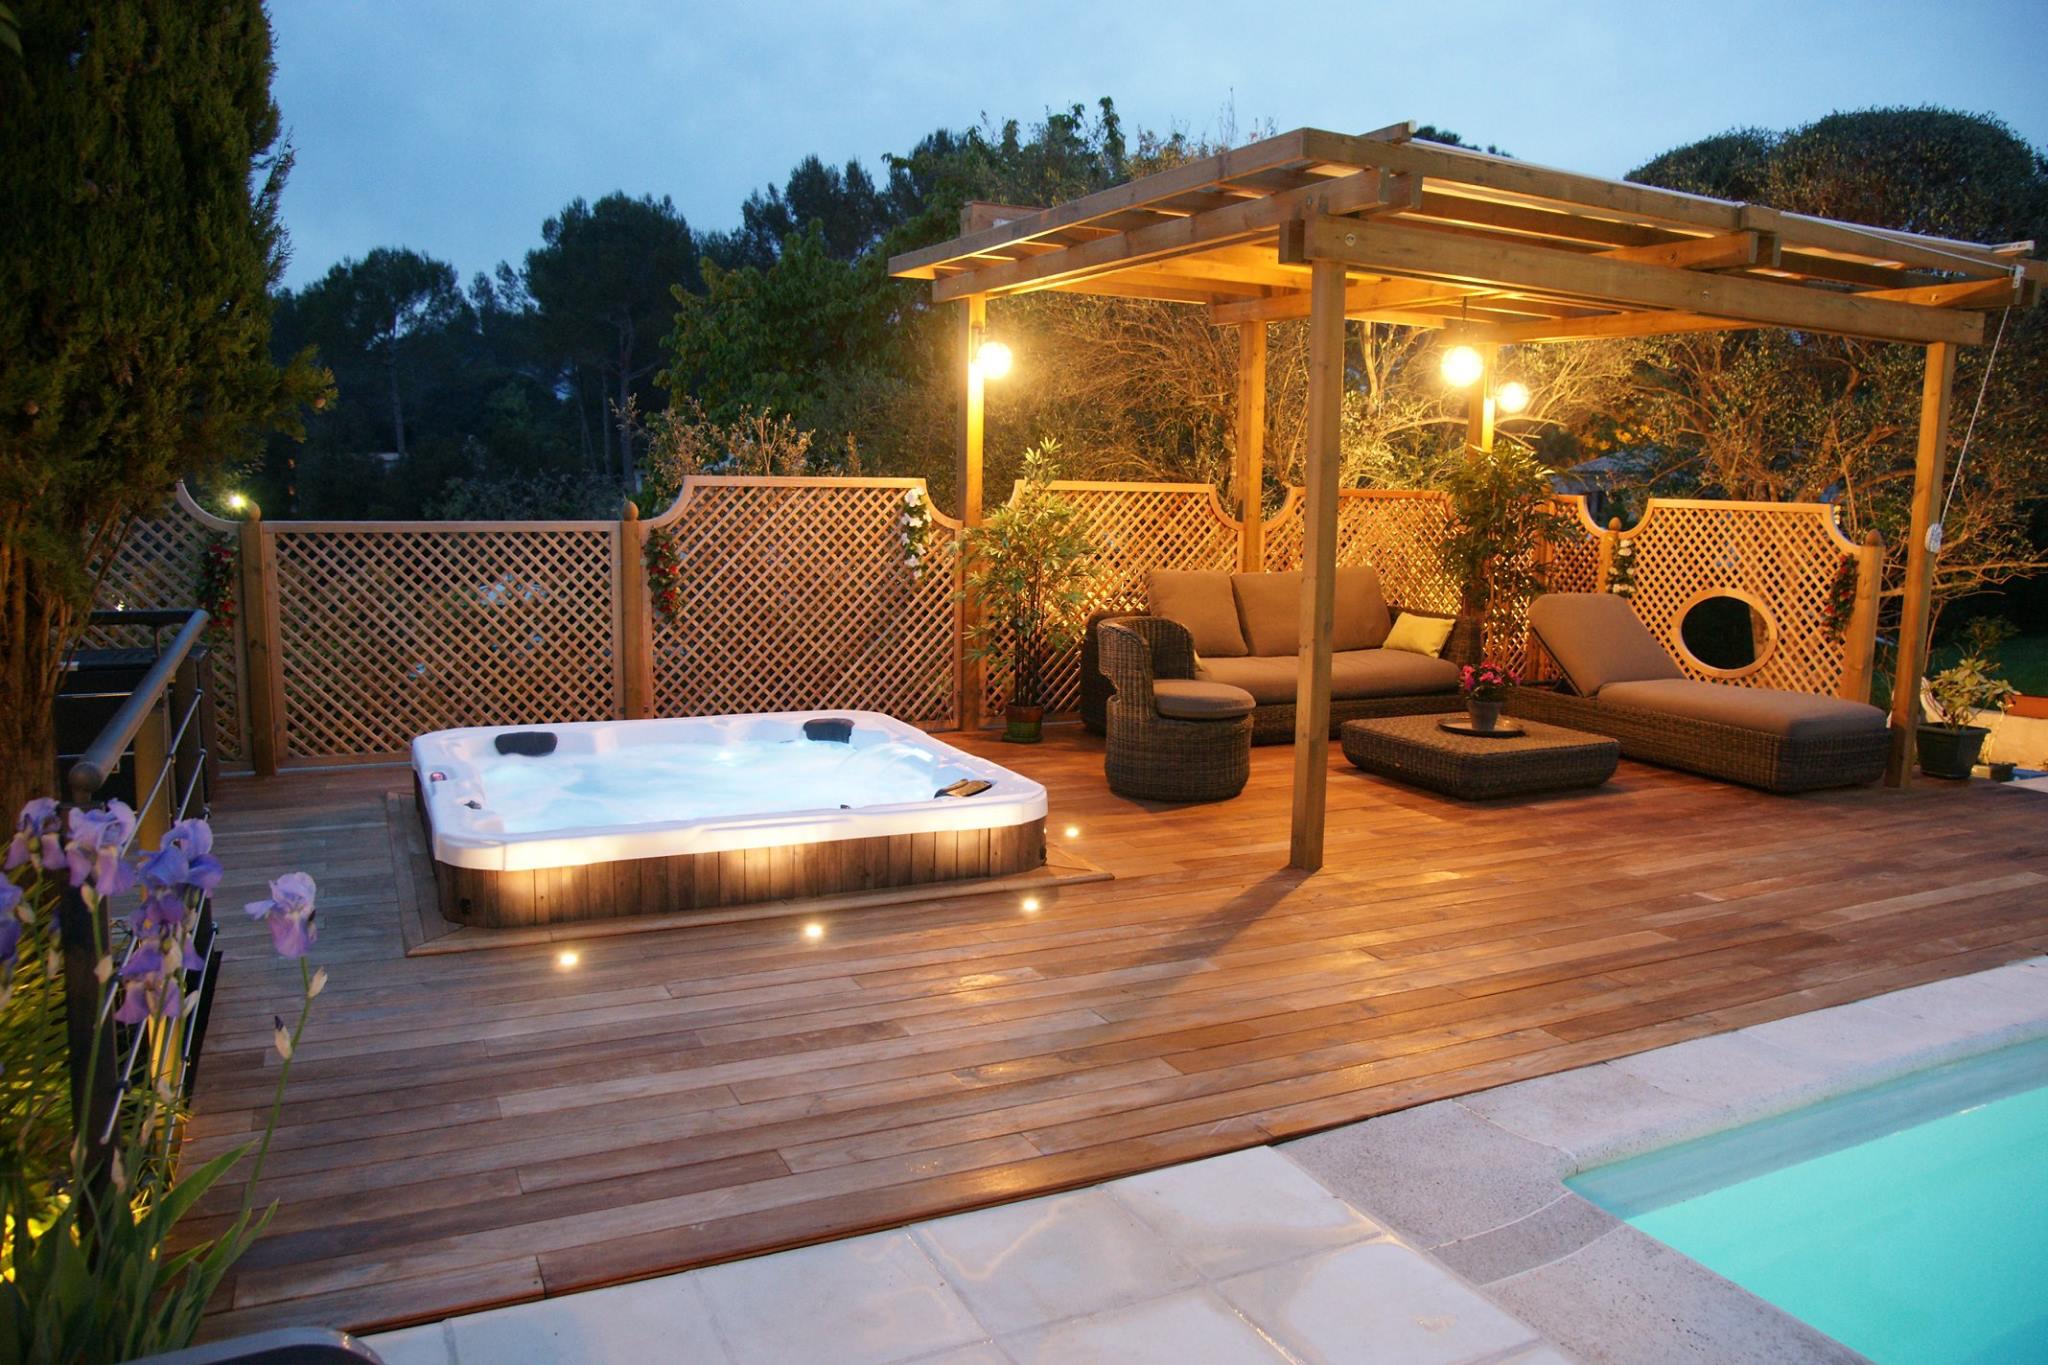 spa 6 places d couvrez le wayfarer dimension one spas. Black Bedroom Furniture Sets. Home Design Ideas